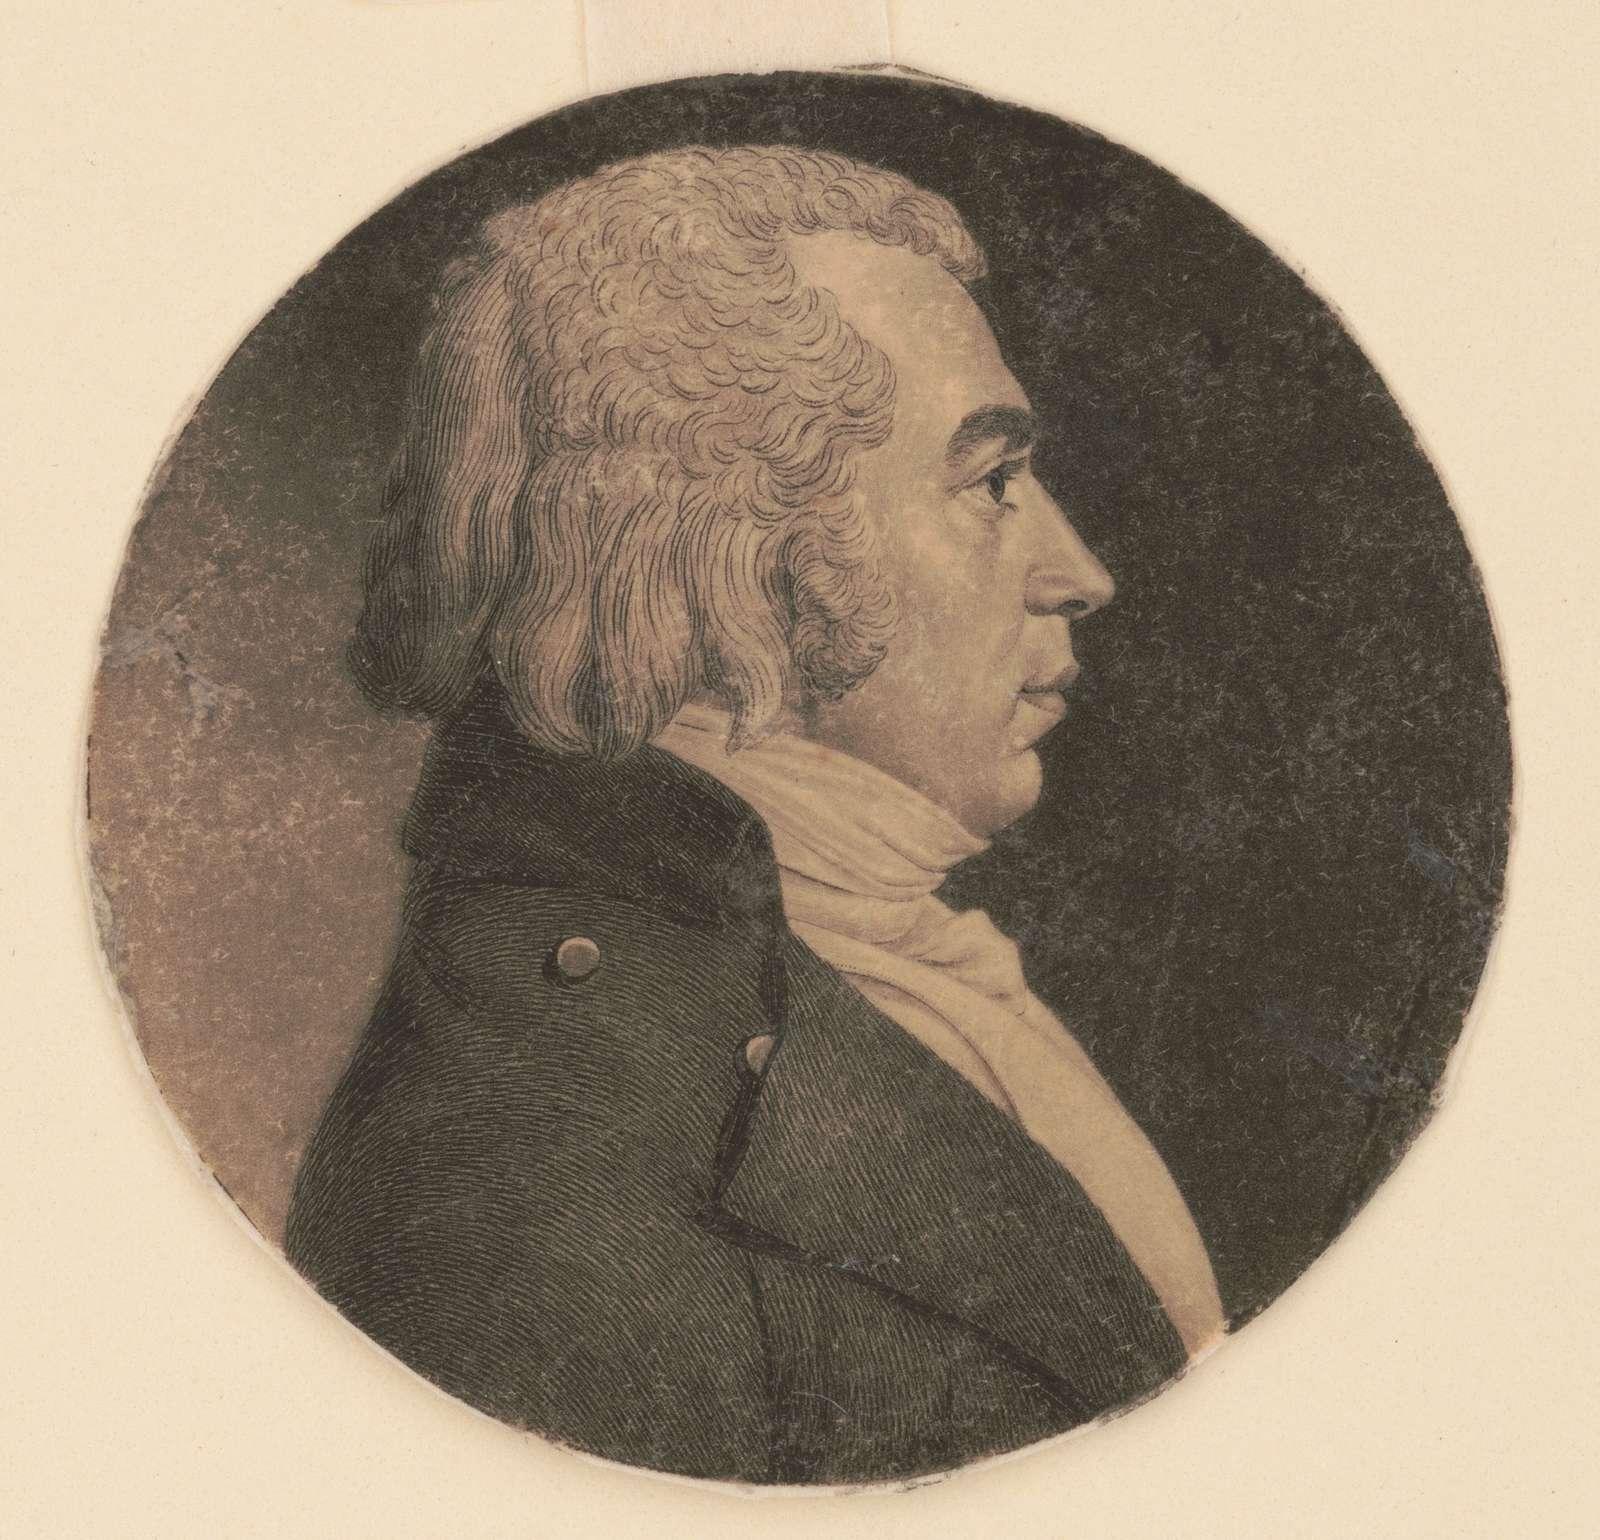 Joseph Clay, head-and-shoulders portrait, right profile